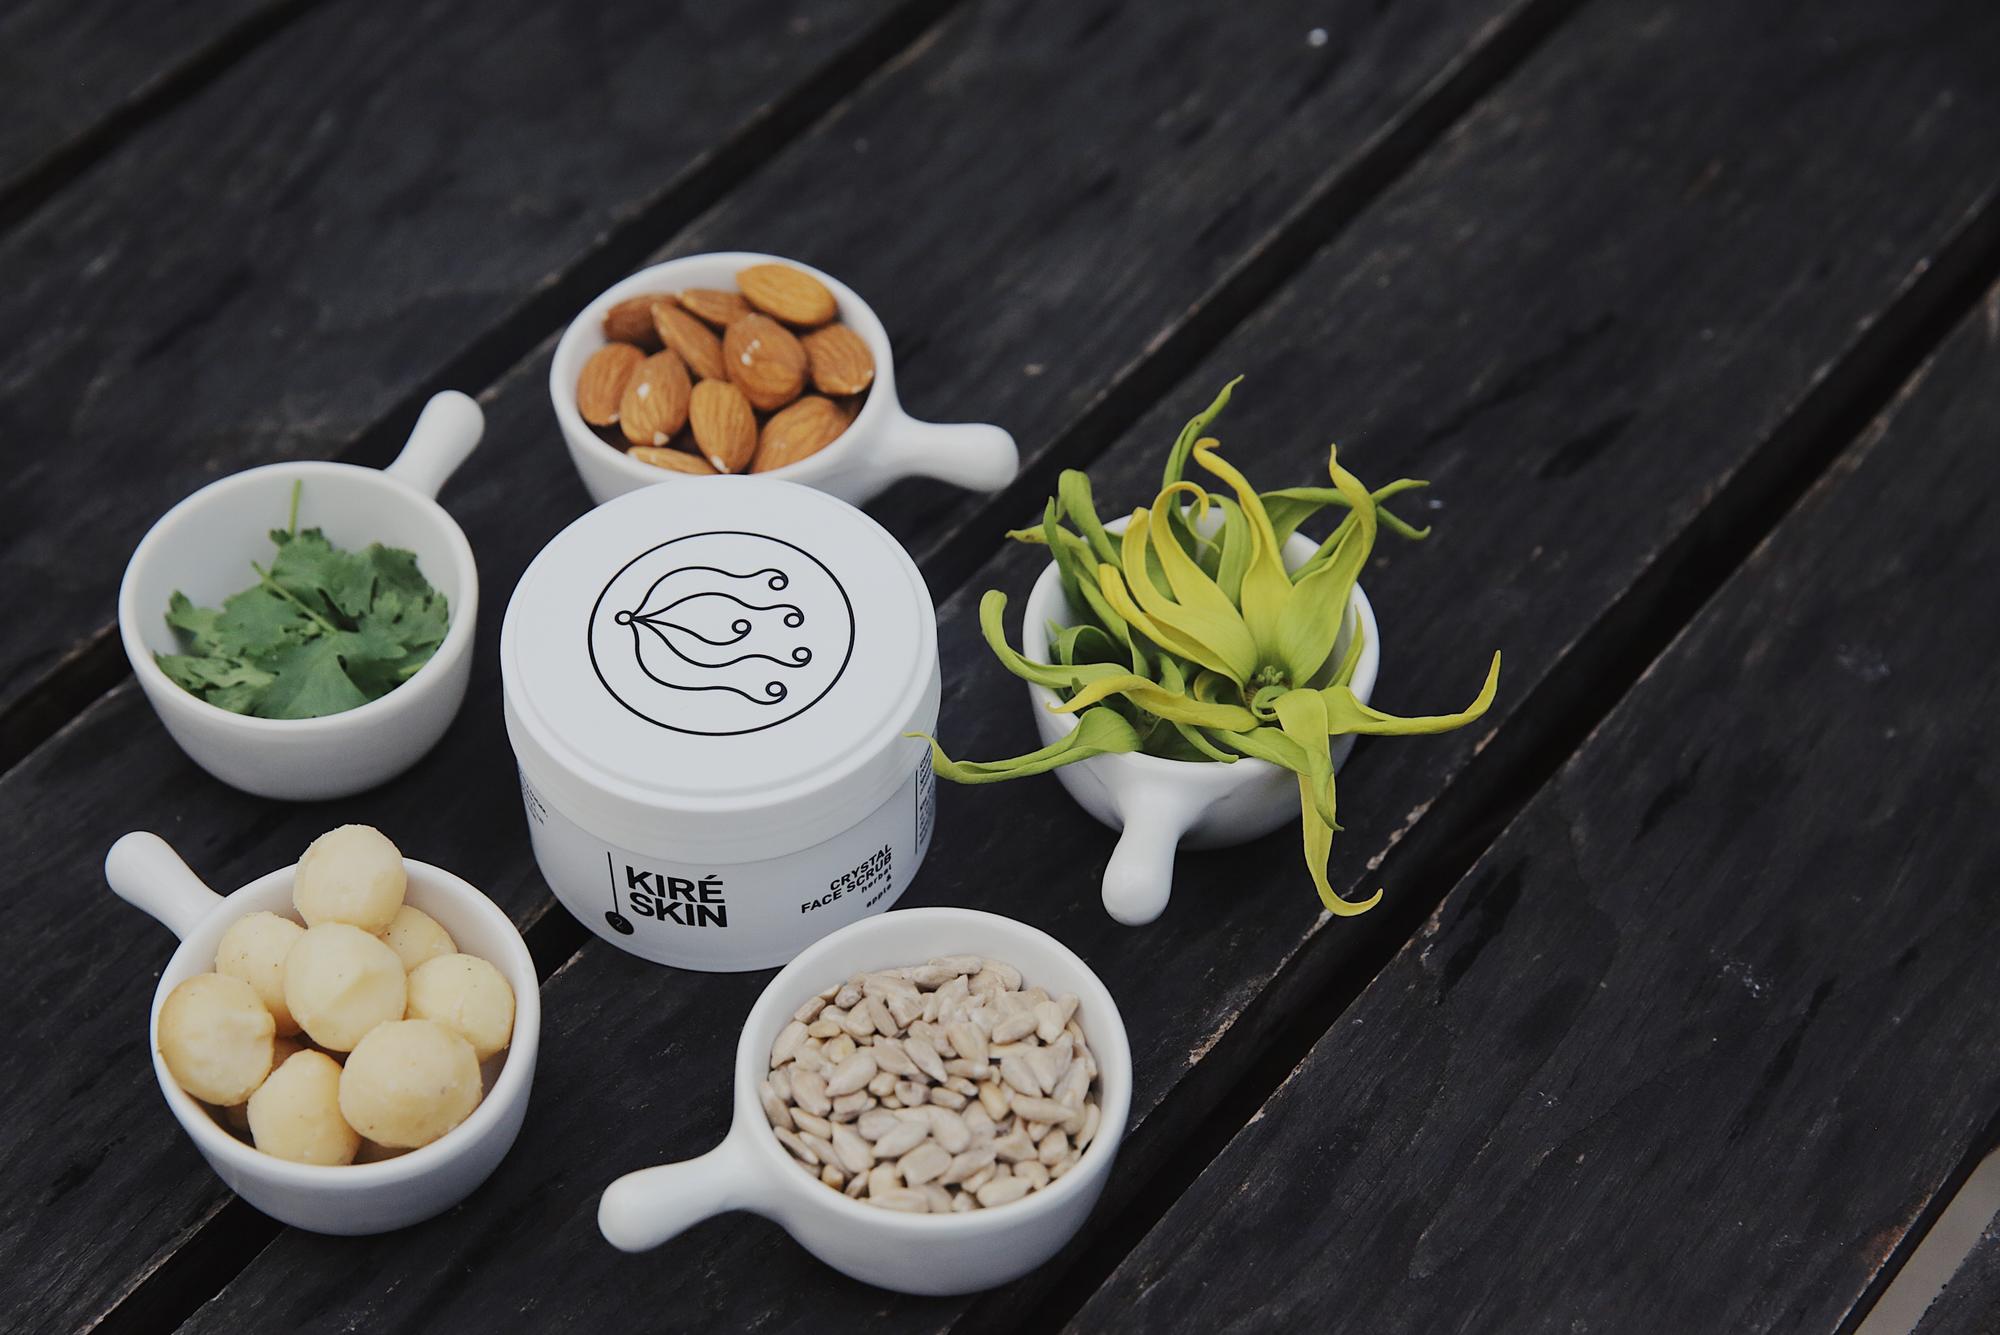 Crystal Face Scrub Herbal and Apple Delikatny peeling skutecznie złuszcza naskórek i wygładza, jednocześnie oczyszczając skórę i poprawiając jej kondycję poprzez łagodny masaż kryształkami soli. All Skin Types Vegan Product Produkt testowany dermatologicznie. Testom na zwierzętach mówimy zdecydowane NIE! Nie używamy składników pochodzenia zwierzęcego. Sposób użycia: Nanieś peeling na wilgotną skórę i okrężnymi ruchami delikatnie rozprowadź peeling po całej twarzy, omijając okolice oczu. Masuj przez chwilę, a następnie opłucz twarz kilka razy ciepłą wodą i łagodnie (z czułością!) wytrzyj ręcznikiem. Staraj się przykładać ręcznik do skóry (zamiast pocierać), by bez szorowania zebrał wilgoć. Nominalna zawartość: 100 g Główne Składniki Aktywne: Ekstrakt z soczystego jabłka złuszcza martwe komórki naskórka i wygładza. Działa antyoksydacyjne, przeciwutleniająco, a także świetnie stymuluje regenerację i odnowę naskórka. Ekstrakt z szałwii wpływa na przywrócenie prawidłowej gospodarki sebum. Z